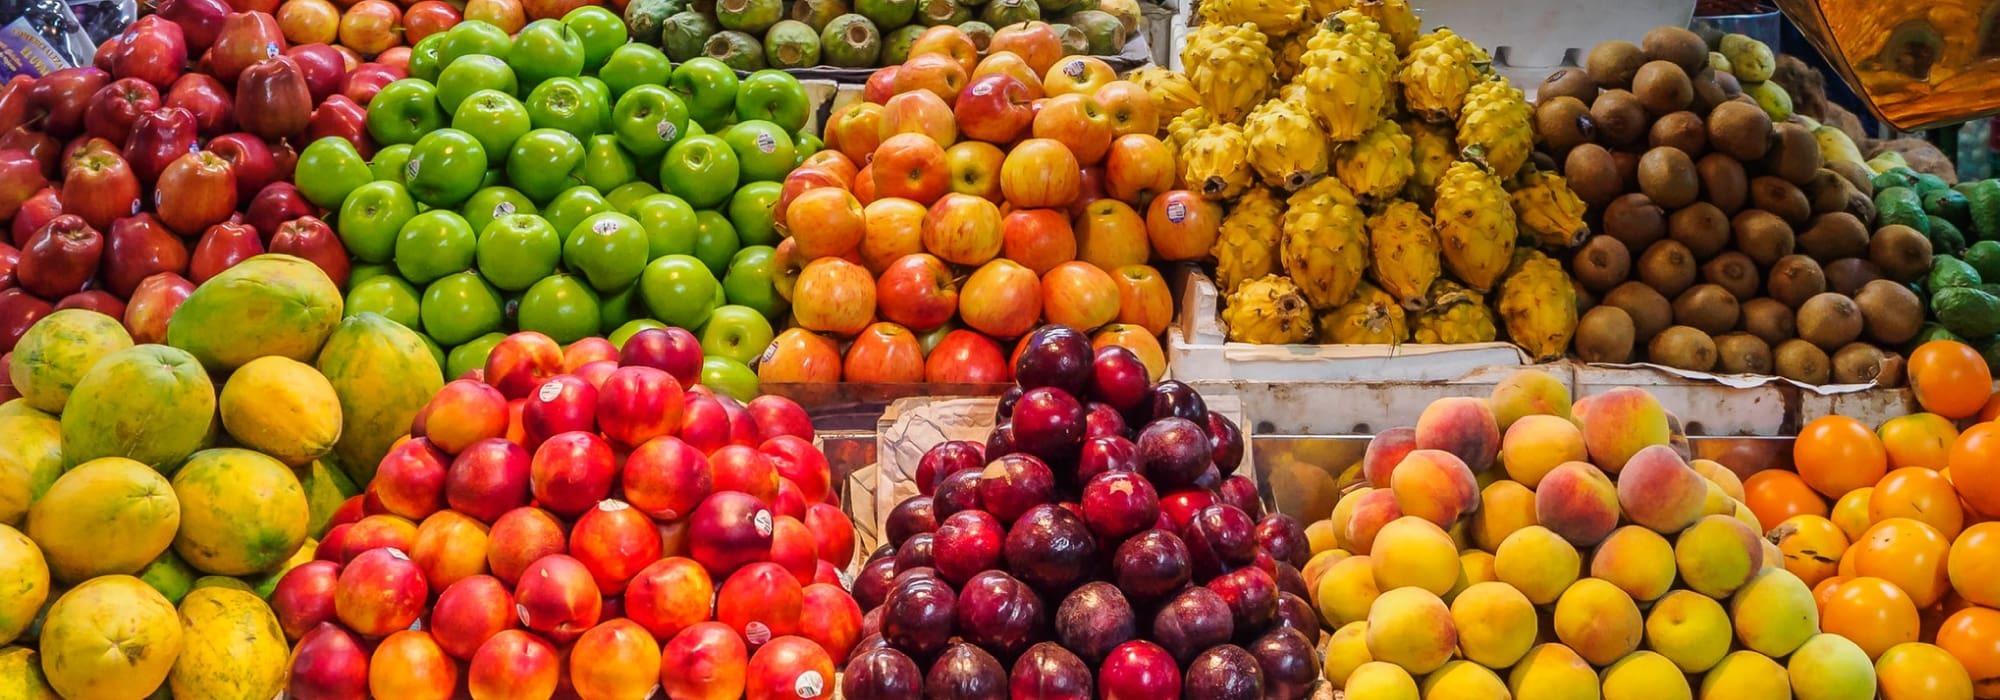 不可一起吃的水果|必看的相剋生果大公開|Kama Delivery西式美食到會外賣公司